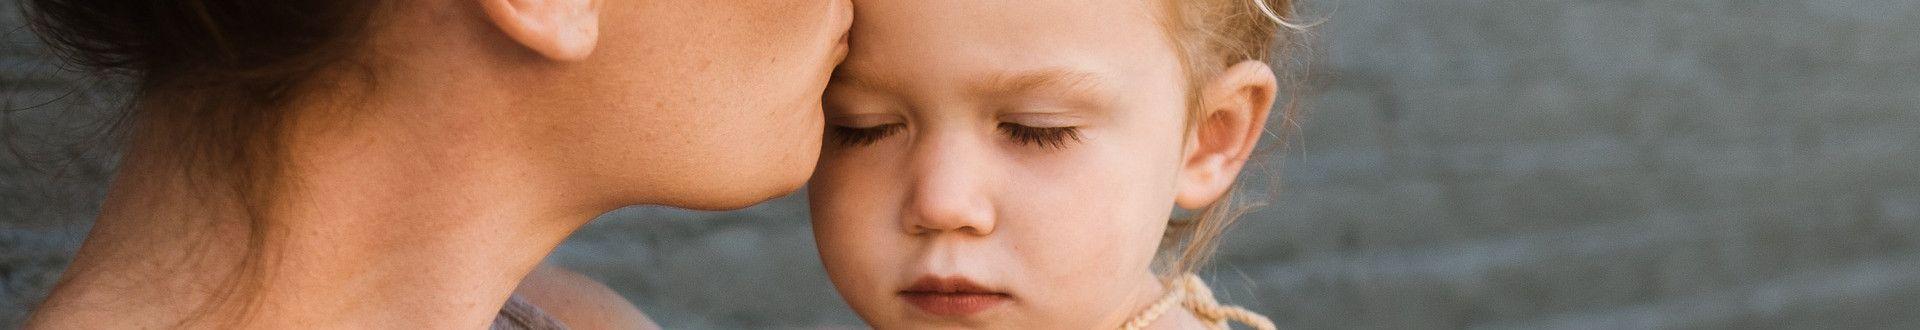 AlleinerziehendeMutter compressor - Gnadenloser Vermieter: Alleinerziehende Mutter mit 4 Kindern wird Obdachlos!